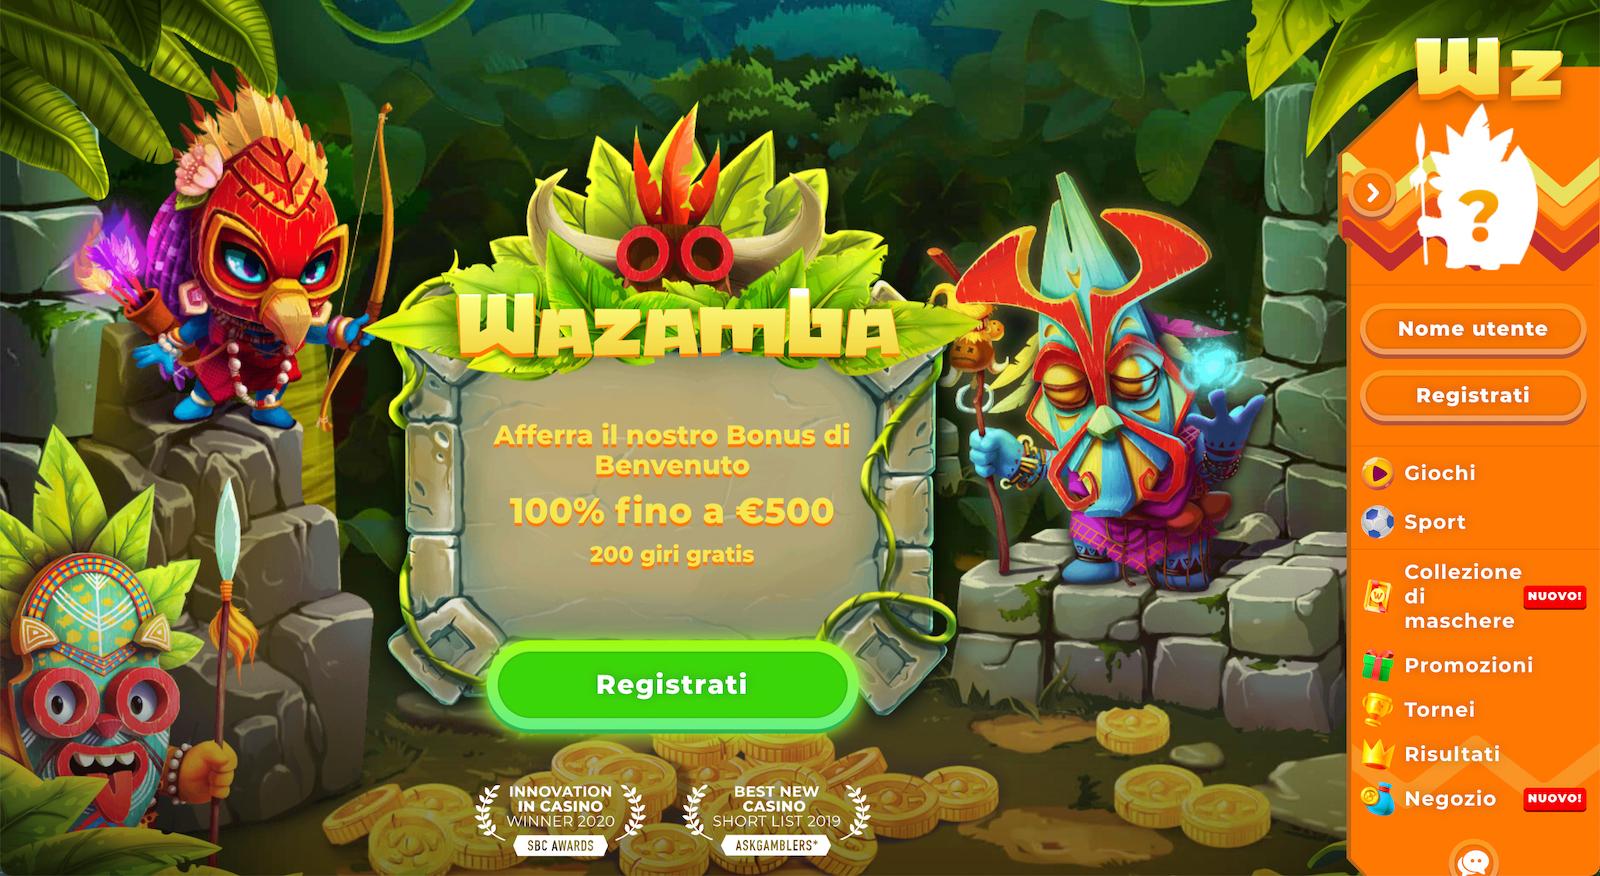 sito ufficiale del casinò wazamba